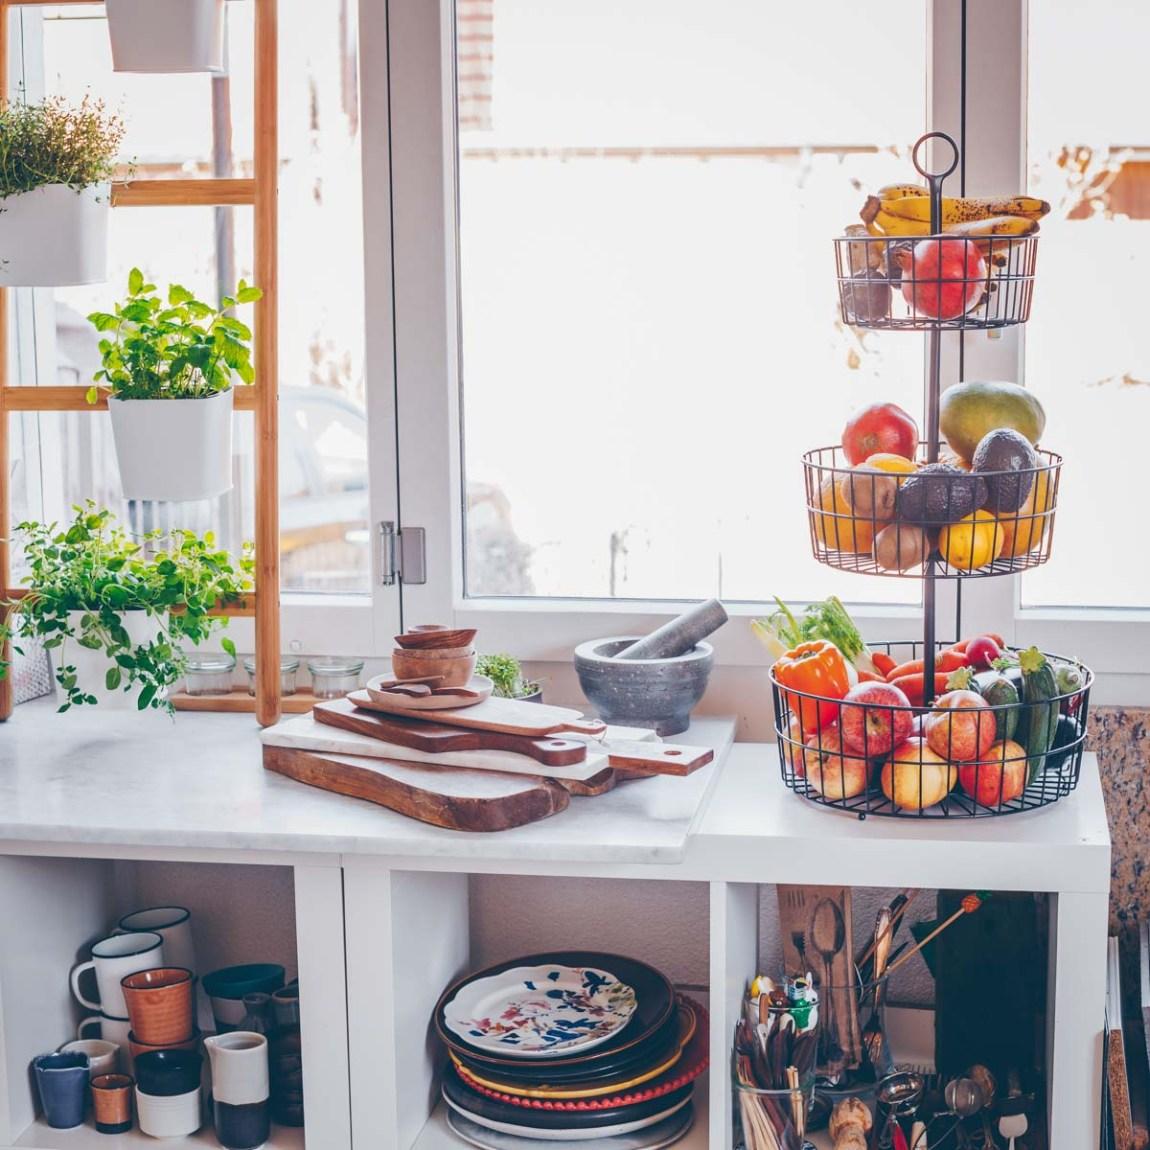 Berühmt Ikea Gestalten Sie Ihre Eigene Küche Australien Galerie ...